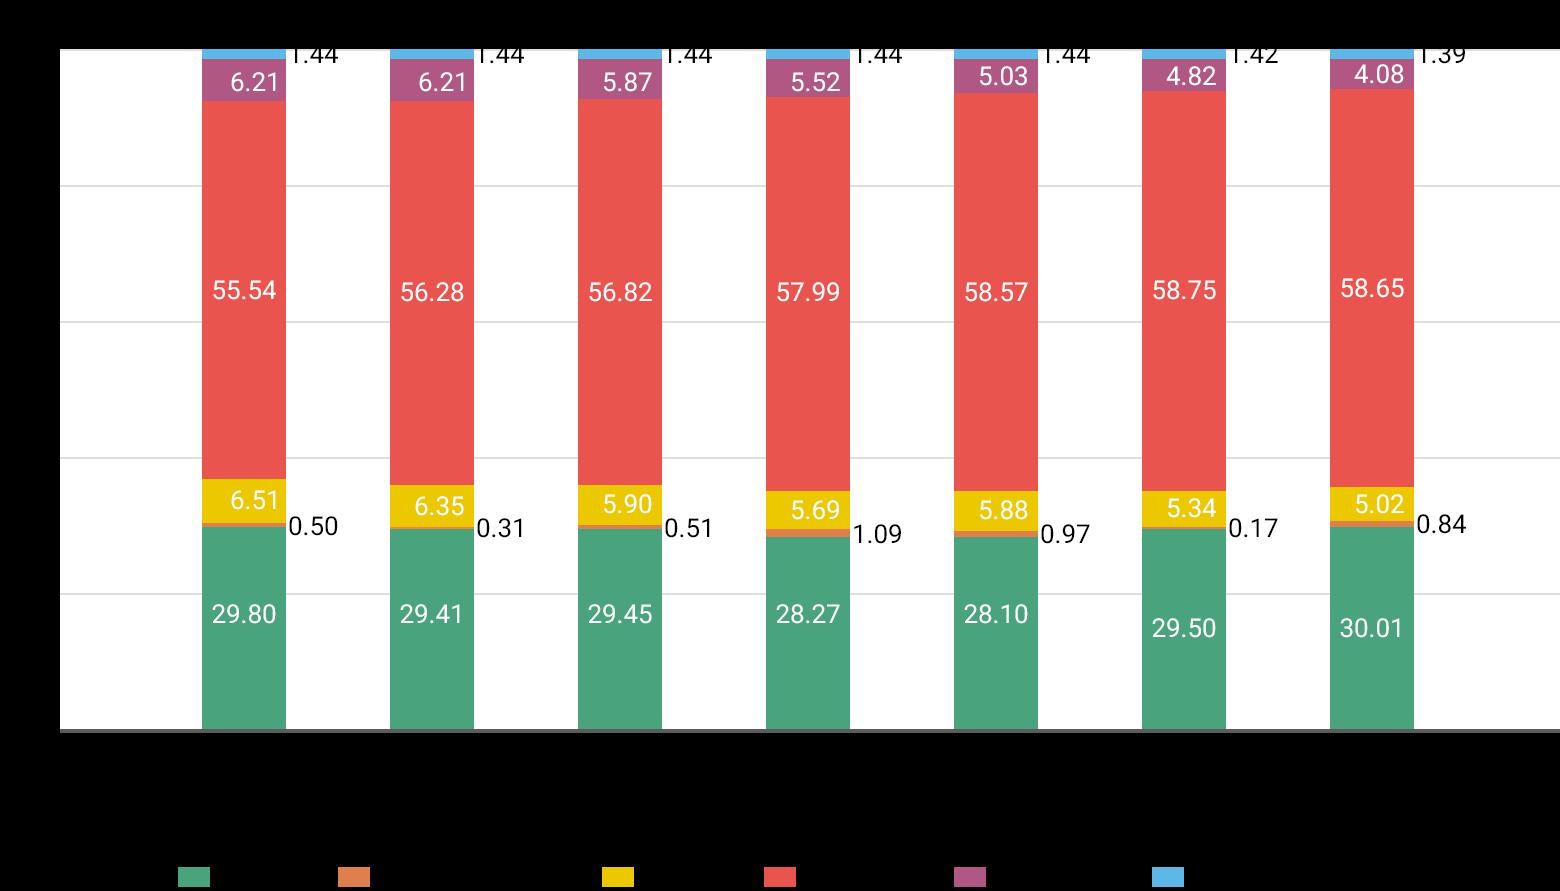 2015年3月期、金融機関29.80%、金融商品取引業者0.50%、一般法人6.51%、外国法人等55.54%、個人・その他6.21%、自己名義株式1.44%。2016年3月期、金融機関29.80%、金融商品取引業者0.31%、一般法人6.35%、外国法人等56.28%、個人・その他6.21%、自己名義株式1.44%。2016年12月期、金融機関29.45%、金融商品取引業者0.51%、一般法人5.90%、外国法人等56.82%、個人・その他5.87%、自己名義株式1.44%。2017年12月期、金融機関28.27%、金融商品取引業者1.09%、一般法人5.69%、外国法人等57.99%、個人・その他5.52%、自己名義株式1.44%。2018年12月期、金融機関28.10%、金融商品取引業者0.97%、一般法人5.88%、外国法人等58.57%、個人・その他5.03%、自己名義株式1.44%。2019年12月期、金融機関29.50%、金融商品取引業者0.17%、一般法人5.34%、外国法人等58.75%、個人・その他4.82%、自己名義株式1.42%。2020年12月期、金融機関30.01%、金融商品取引業者0.84%、一般法人5.02%、外国法人等58.65%、個人・その他4.08%、自己名義株式1.39%。